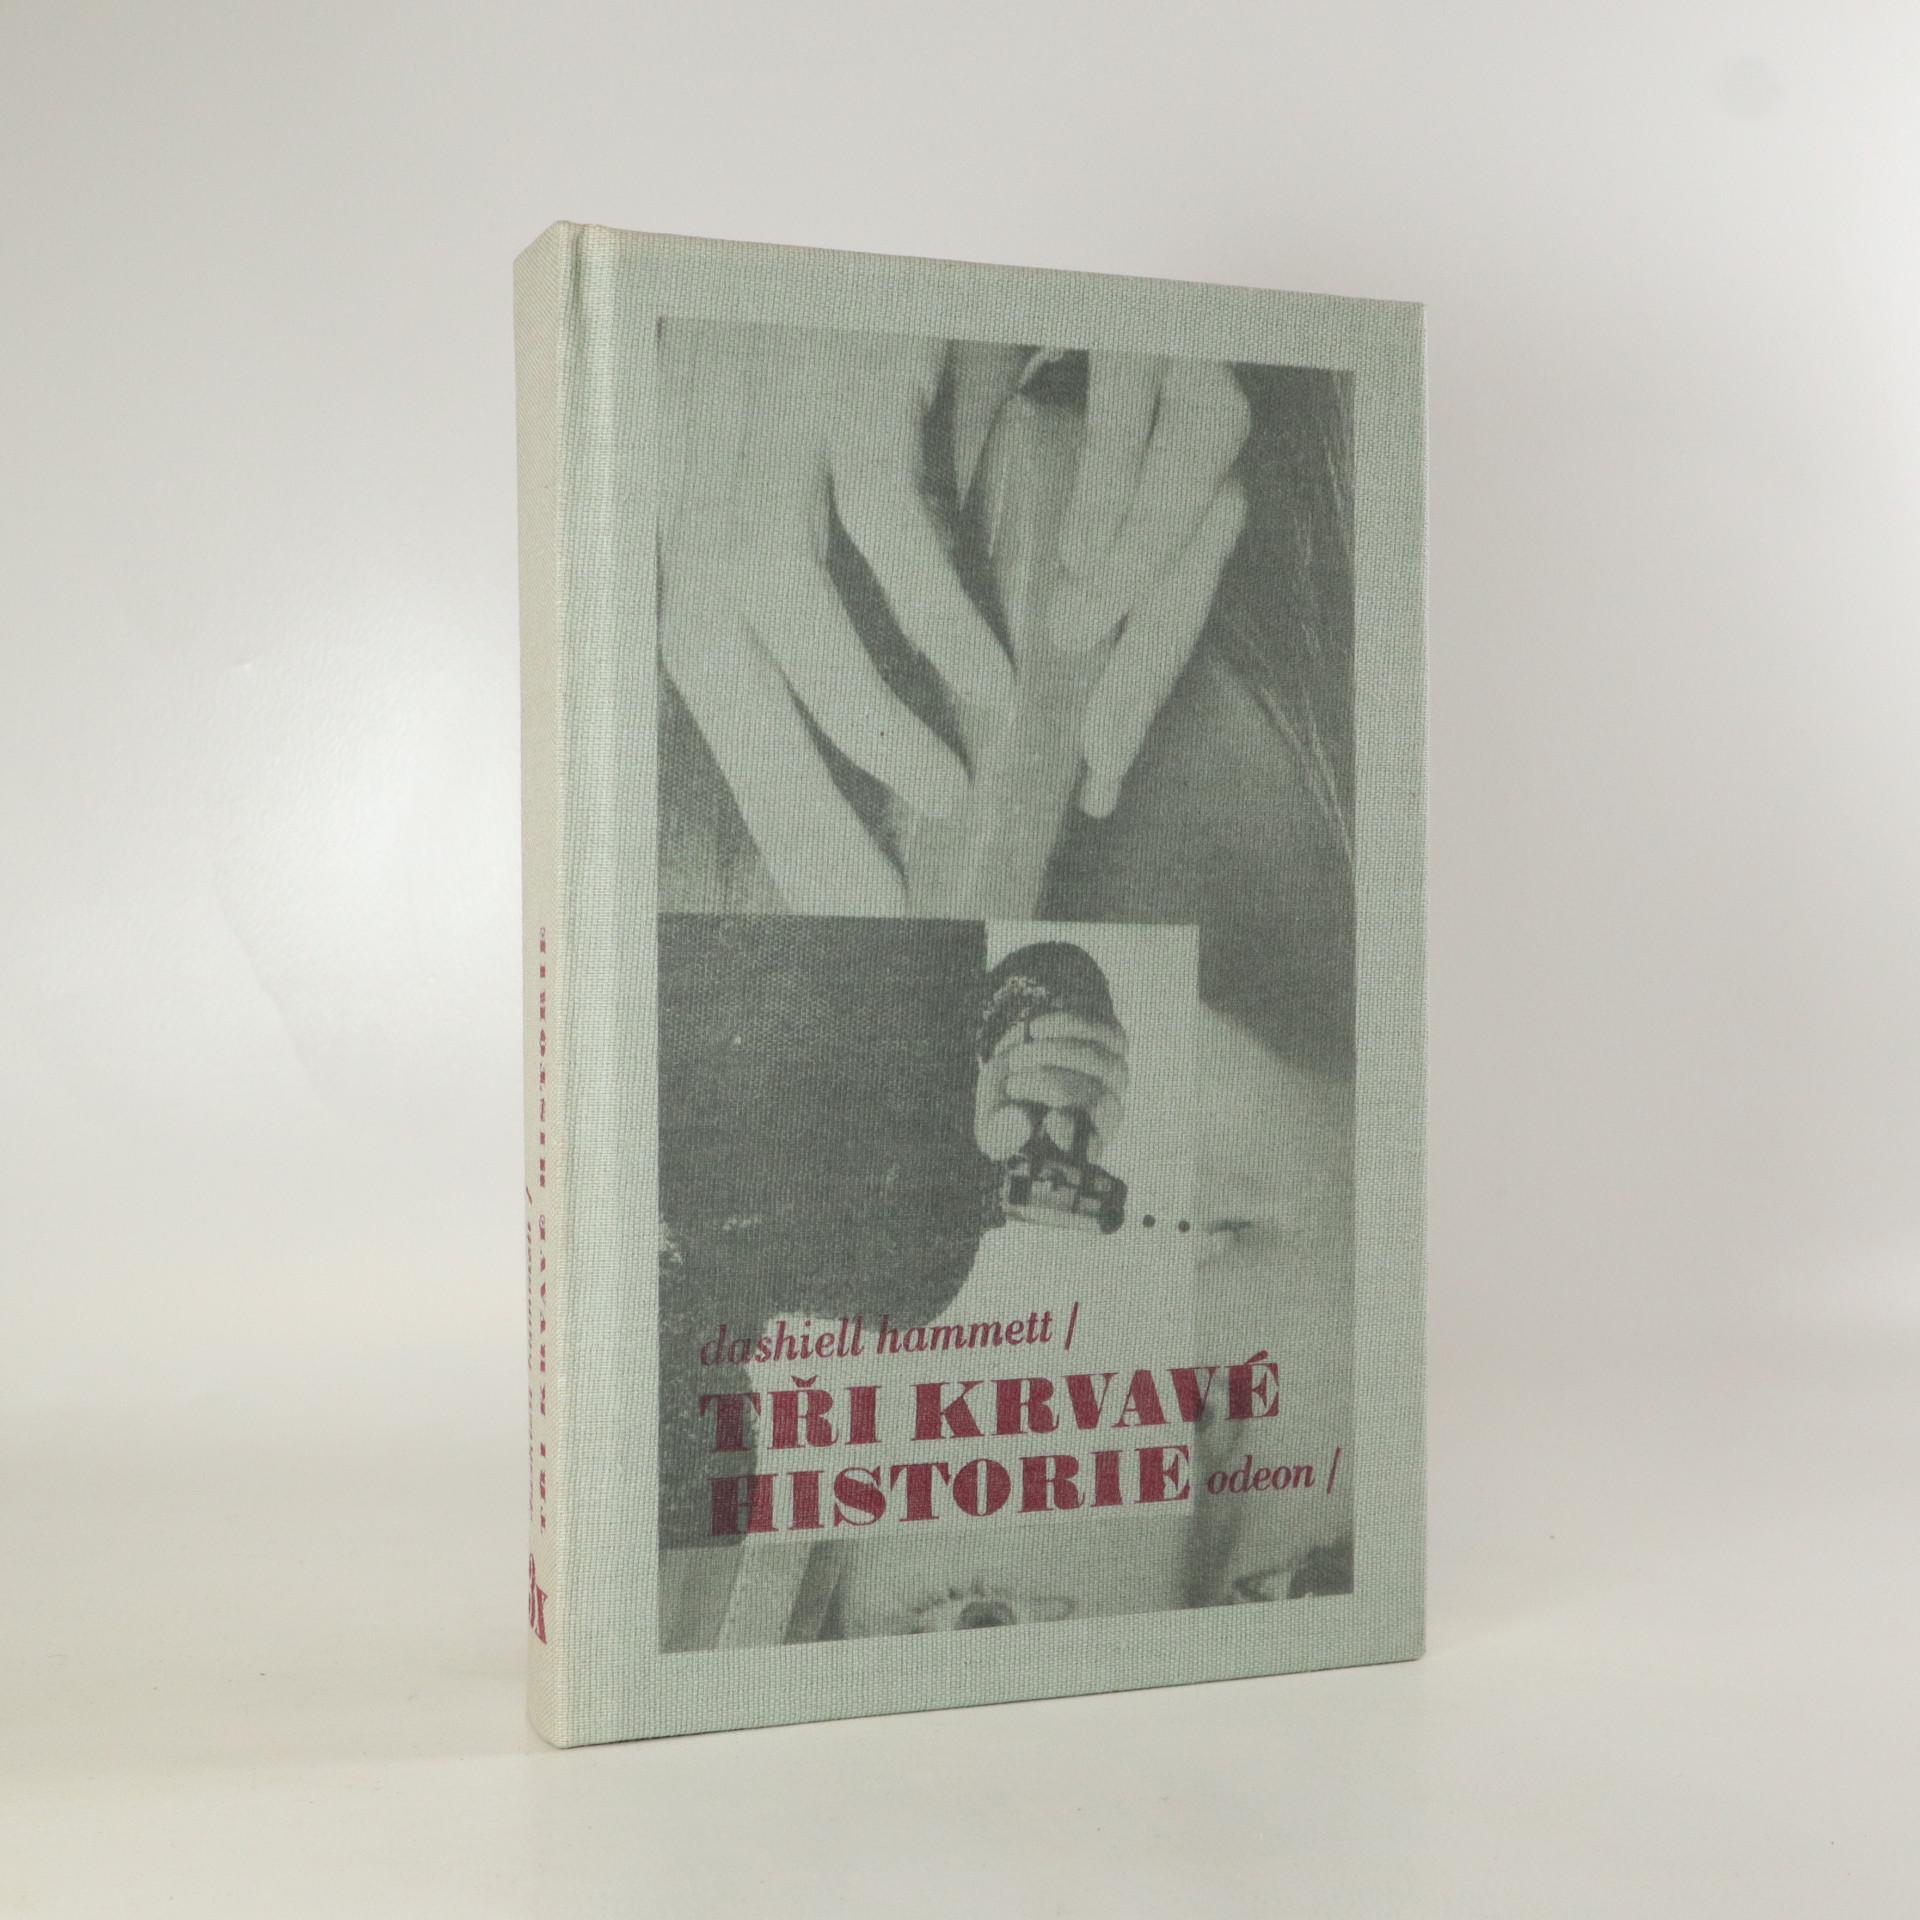 antikvární kniha Tři krvavé historie, 1987